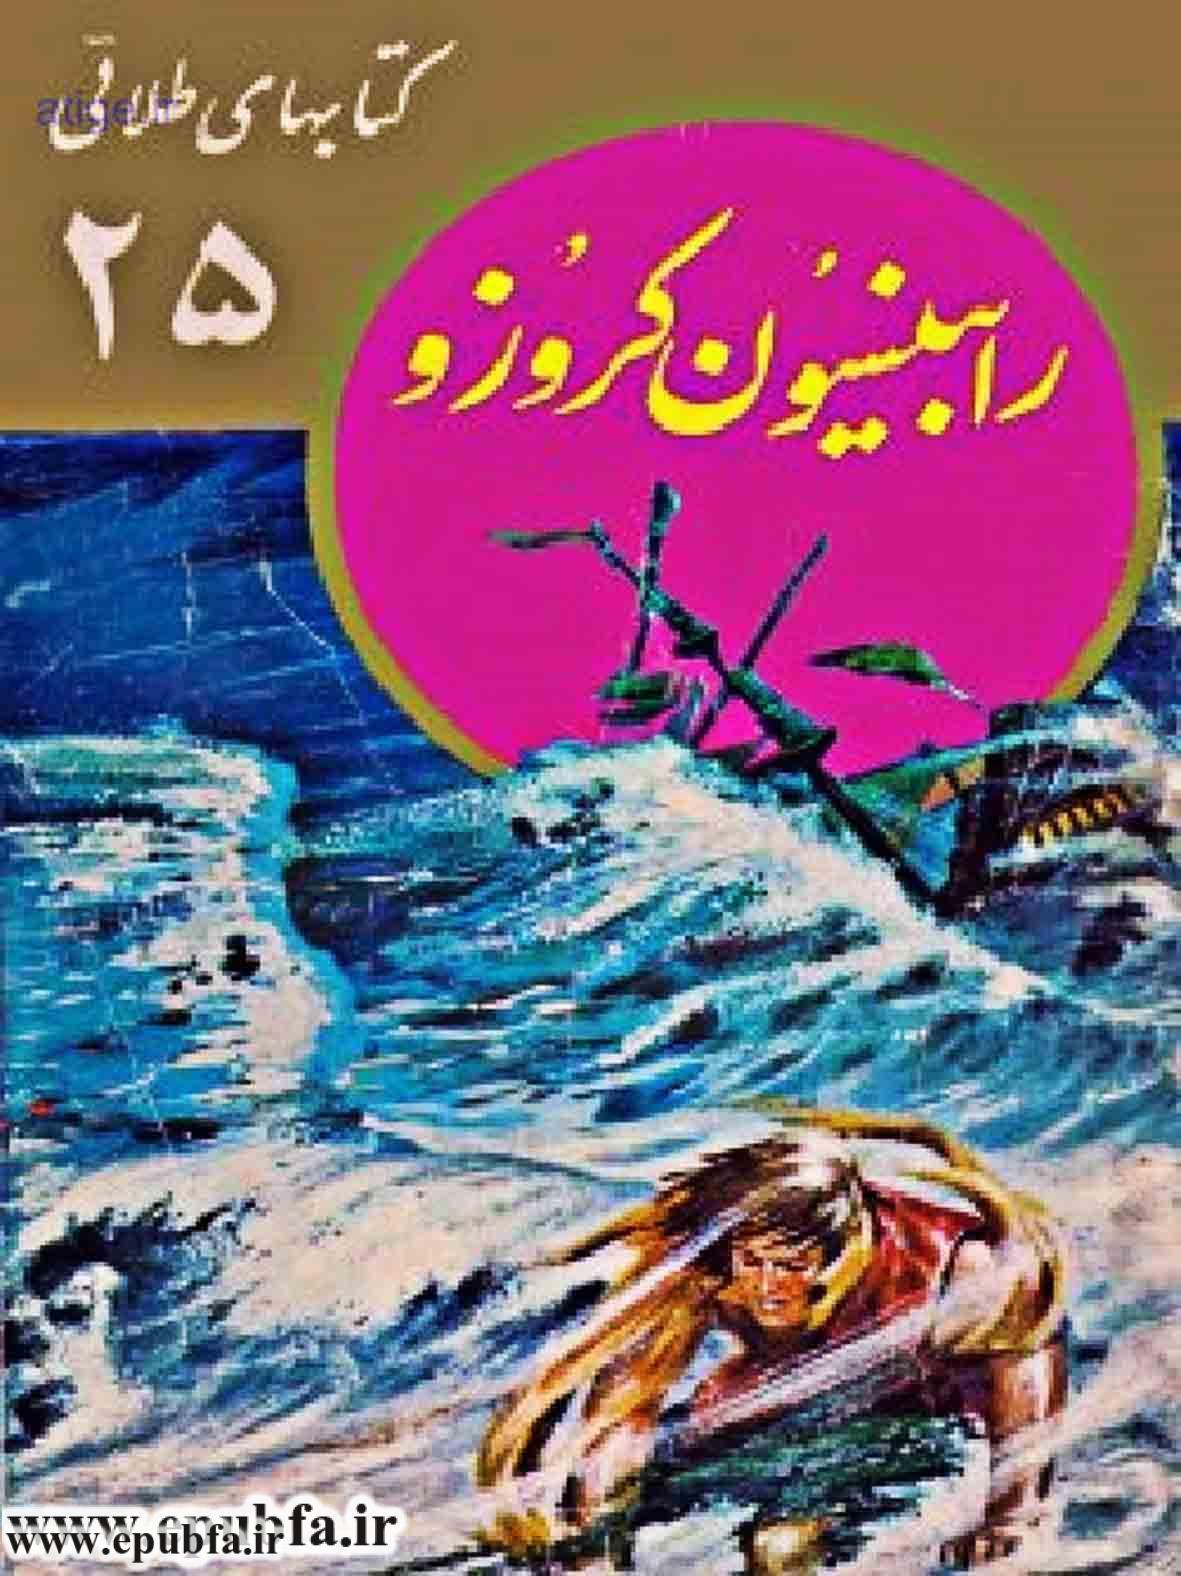 کتاب داستان تصویری رابینسون کروزو در جزیره مجموعه کتابهای طلایی نوجوانان ایپابفا (1).jpg